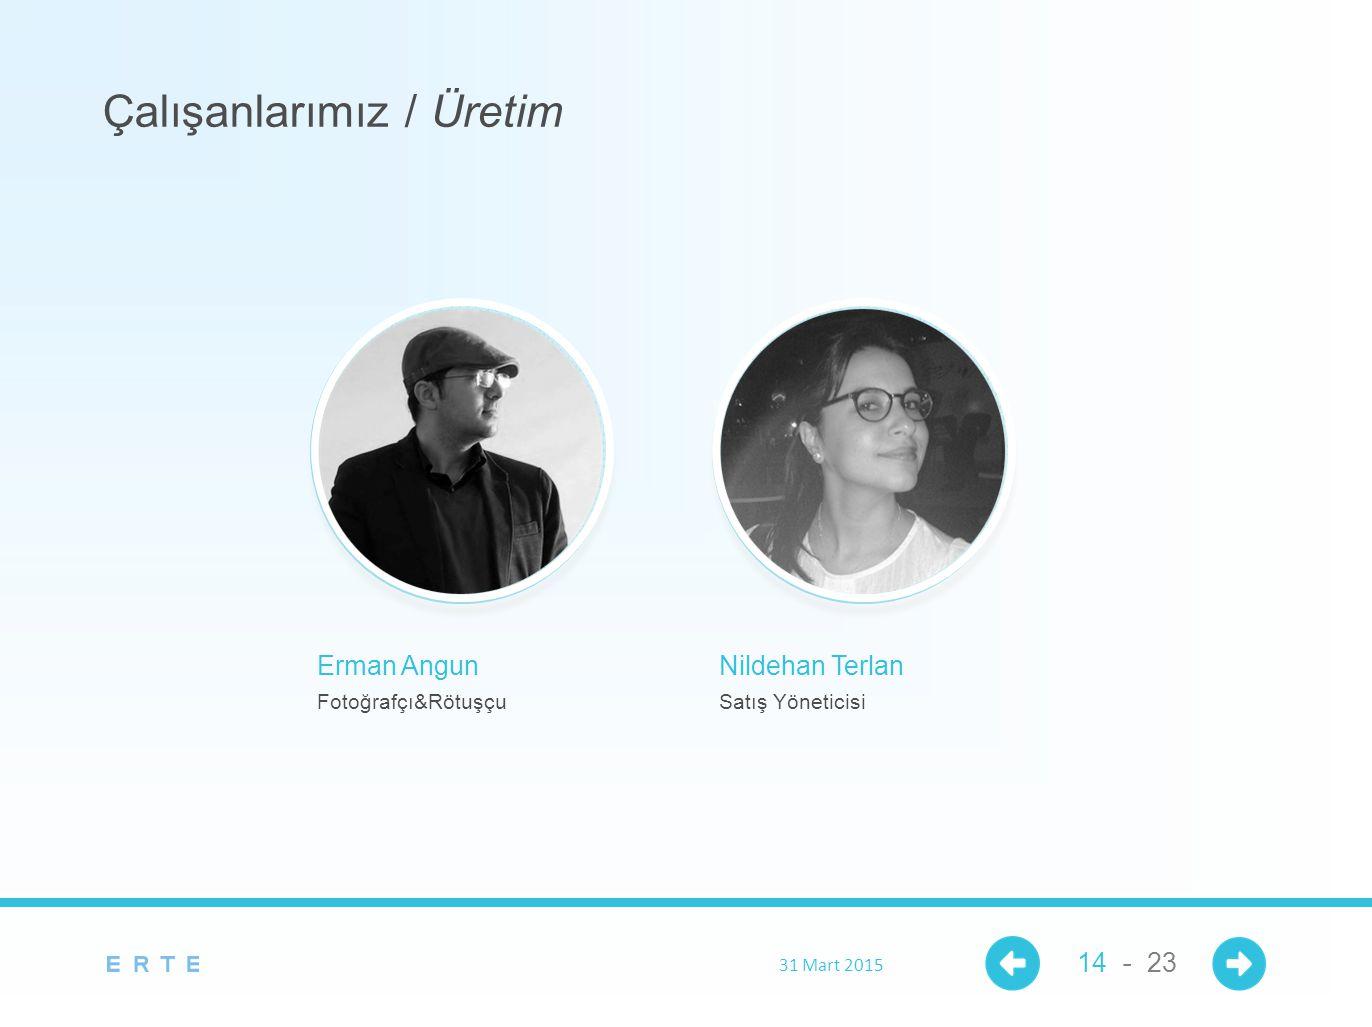 Erman Angun Fotoğrafçı&Rötuşçu Çalışanlarımız / Üretim 31 Mart 2015 14 - 23 Nildehan Terlan Satış Yöneticisi